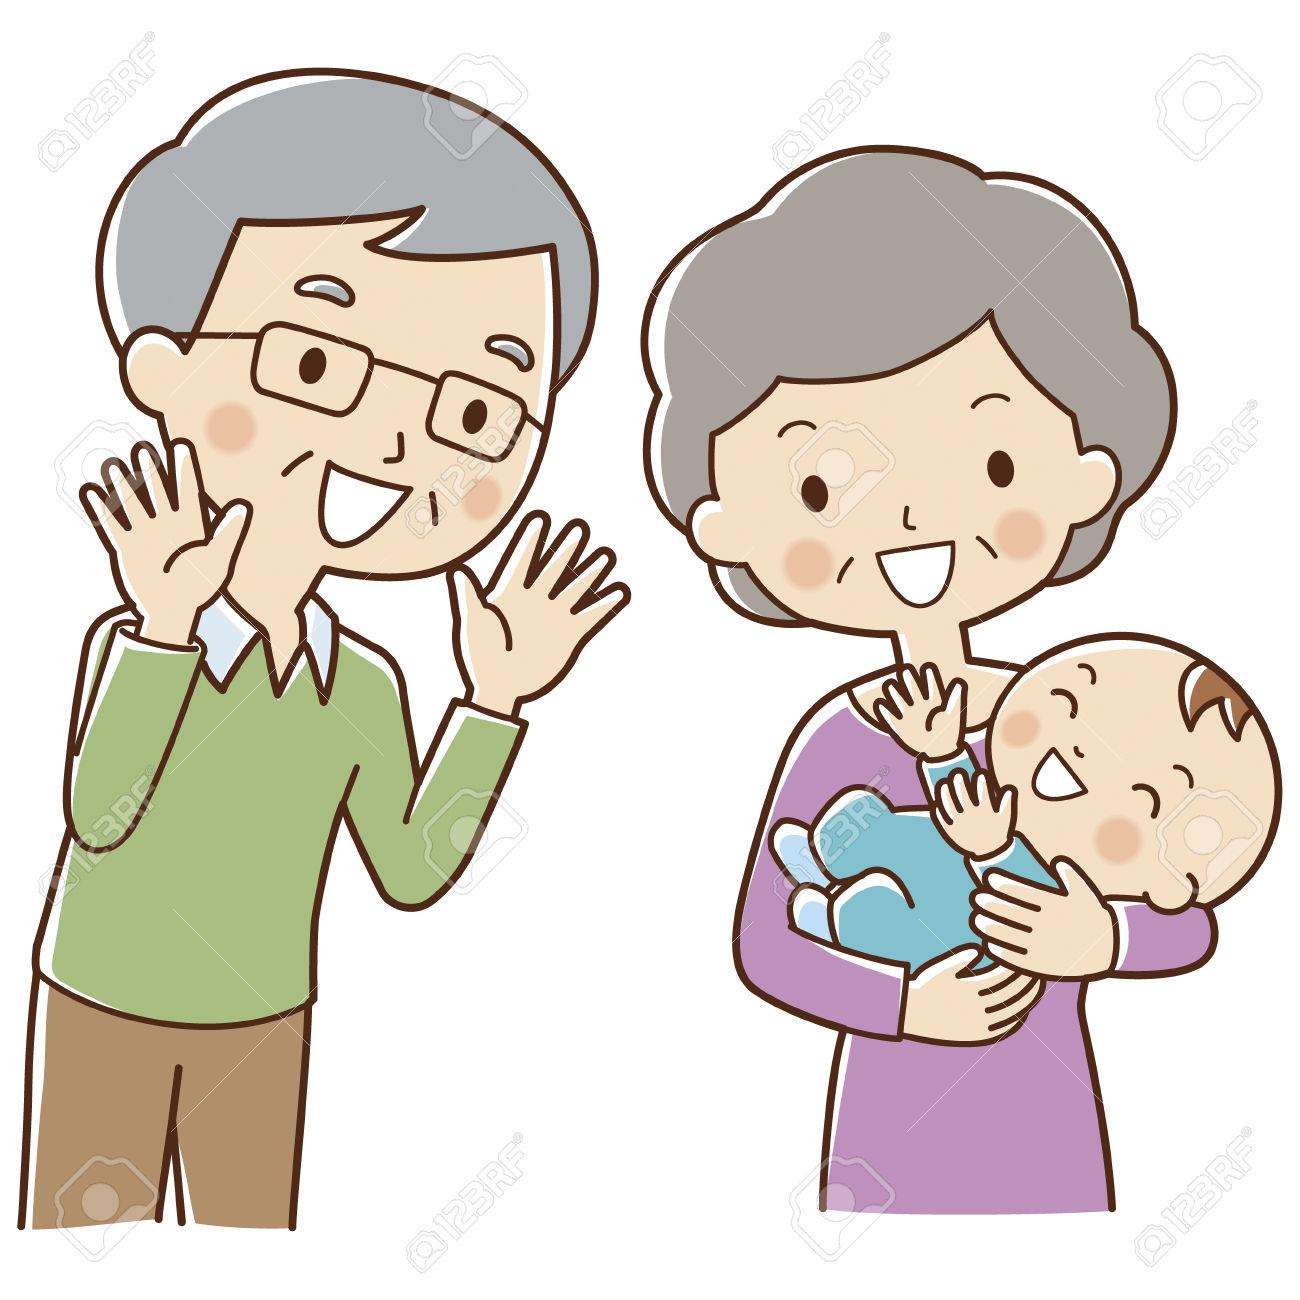 Young clipart grandparent child. Grandma and grandpa free